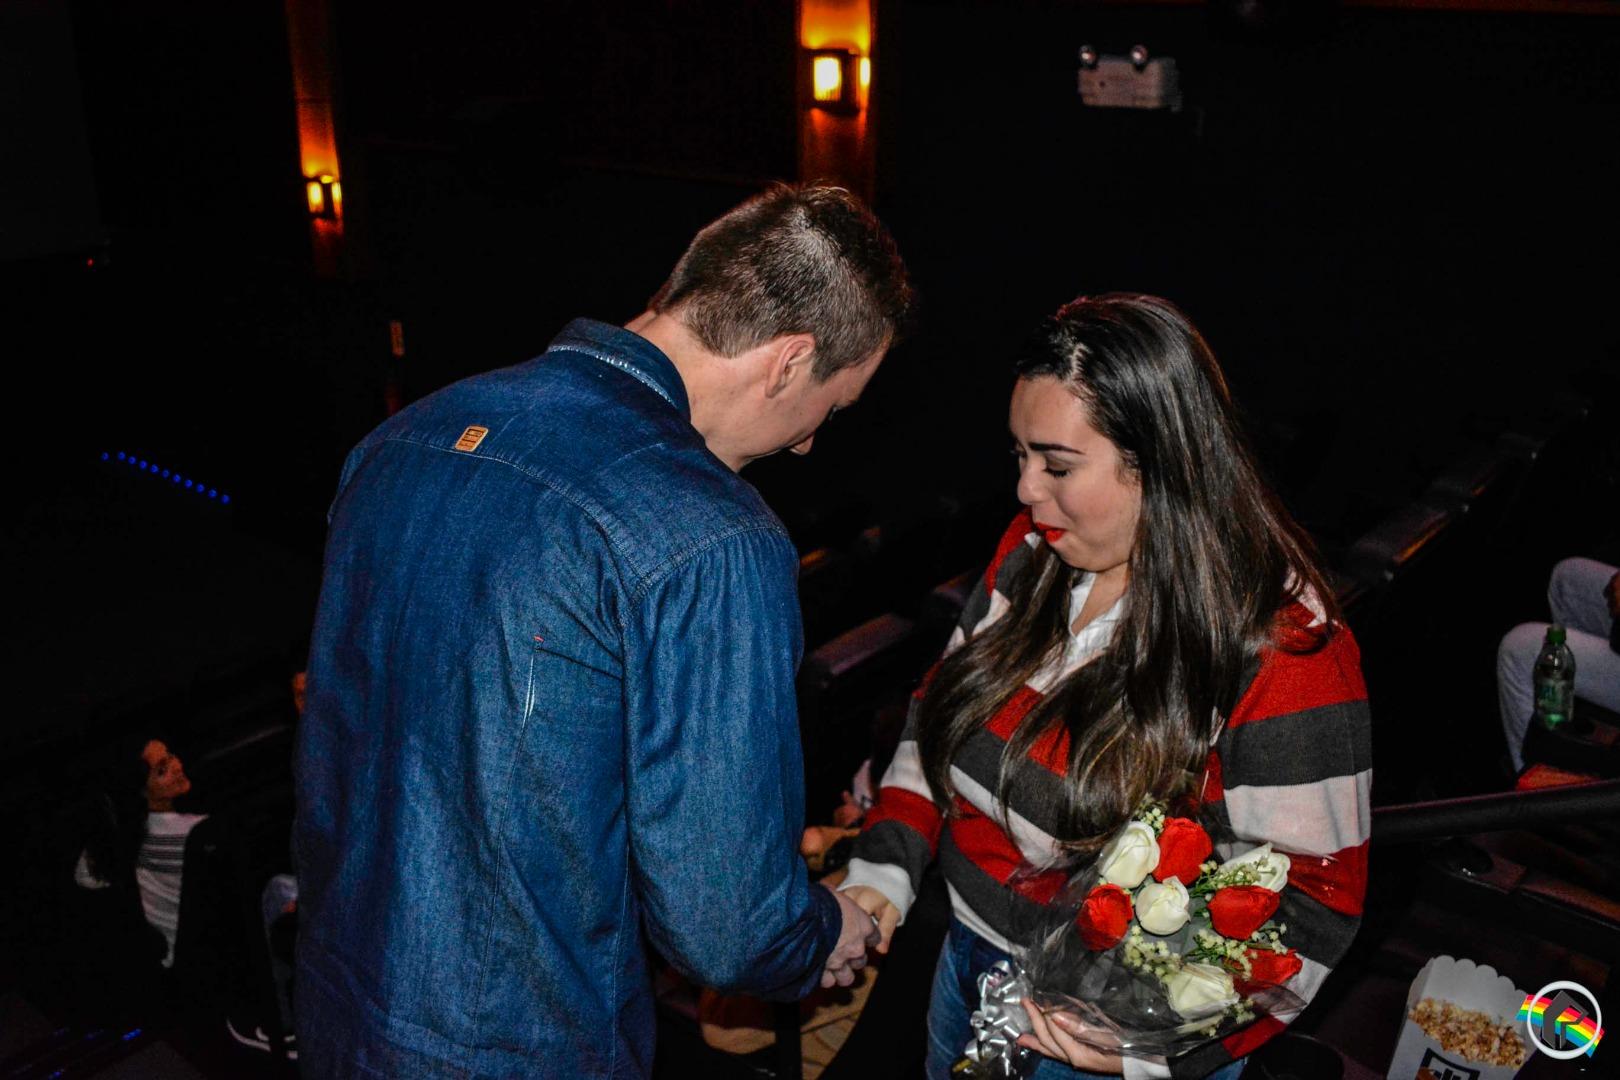 VÍDEO: Namorada é surpreendida com pedido de casamento no Cine Peperi